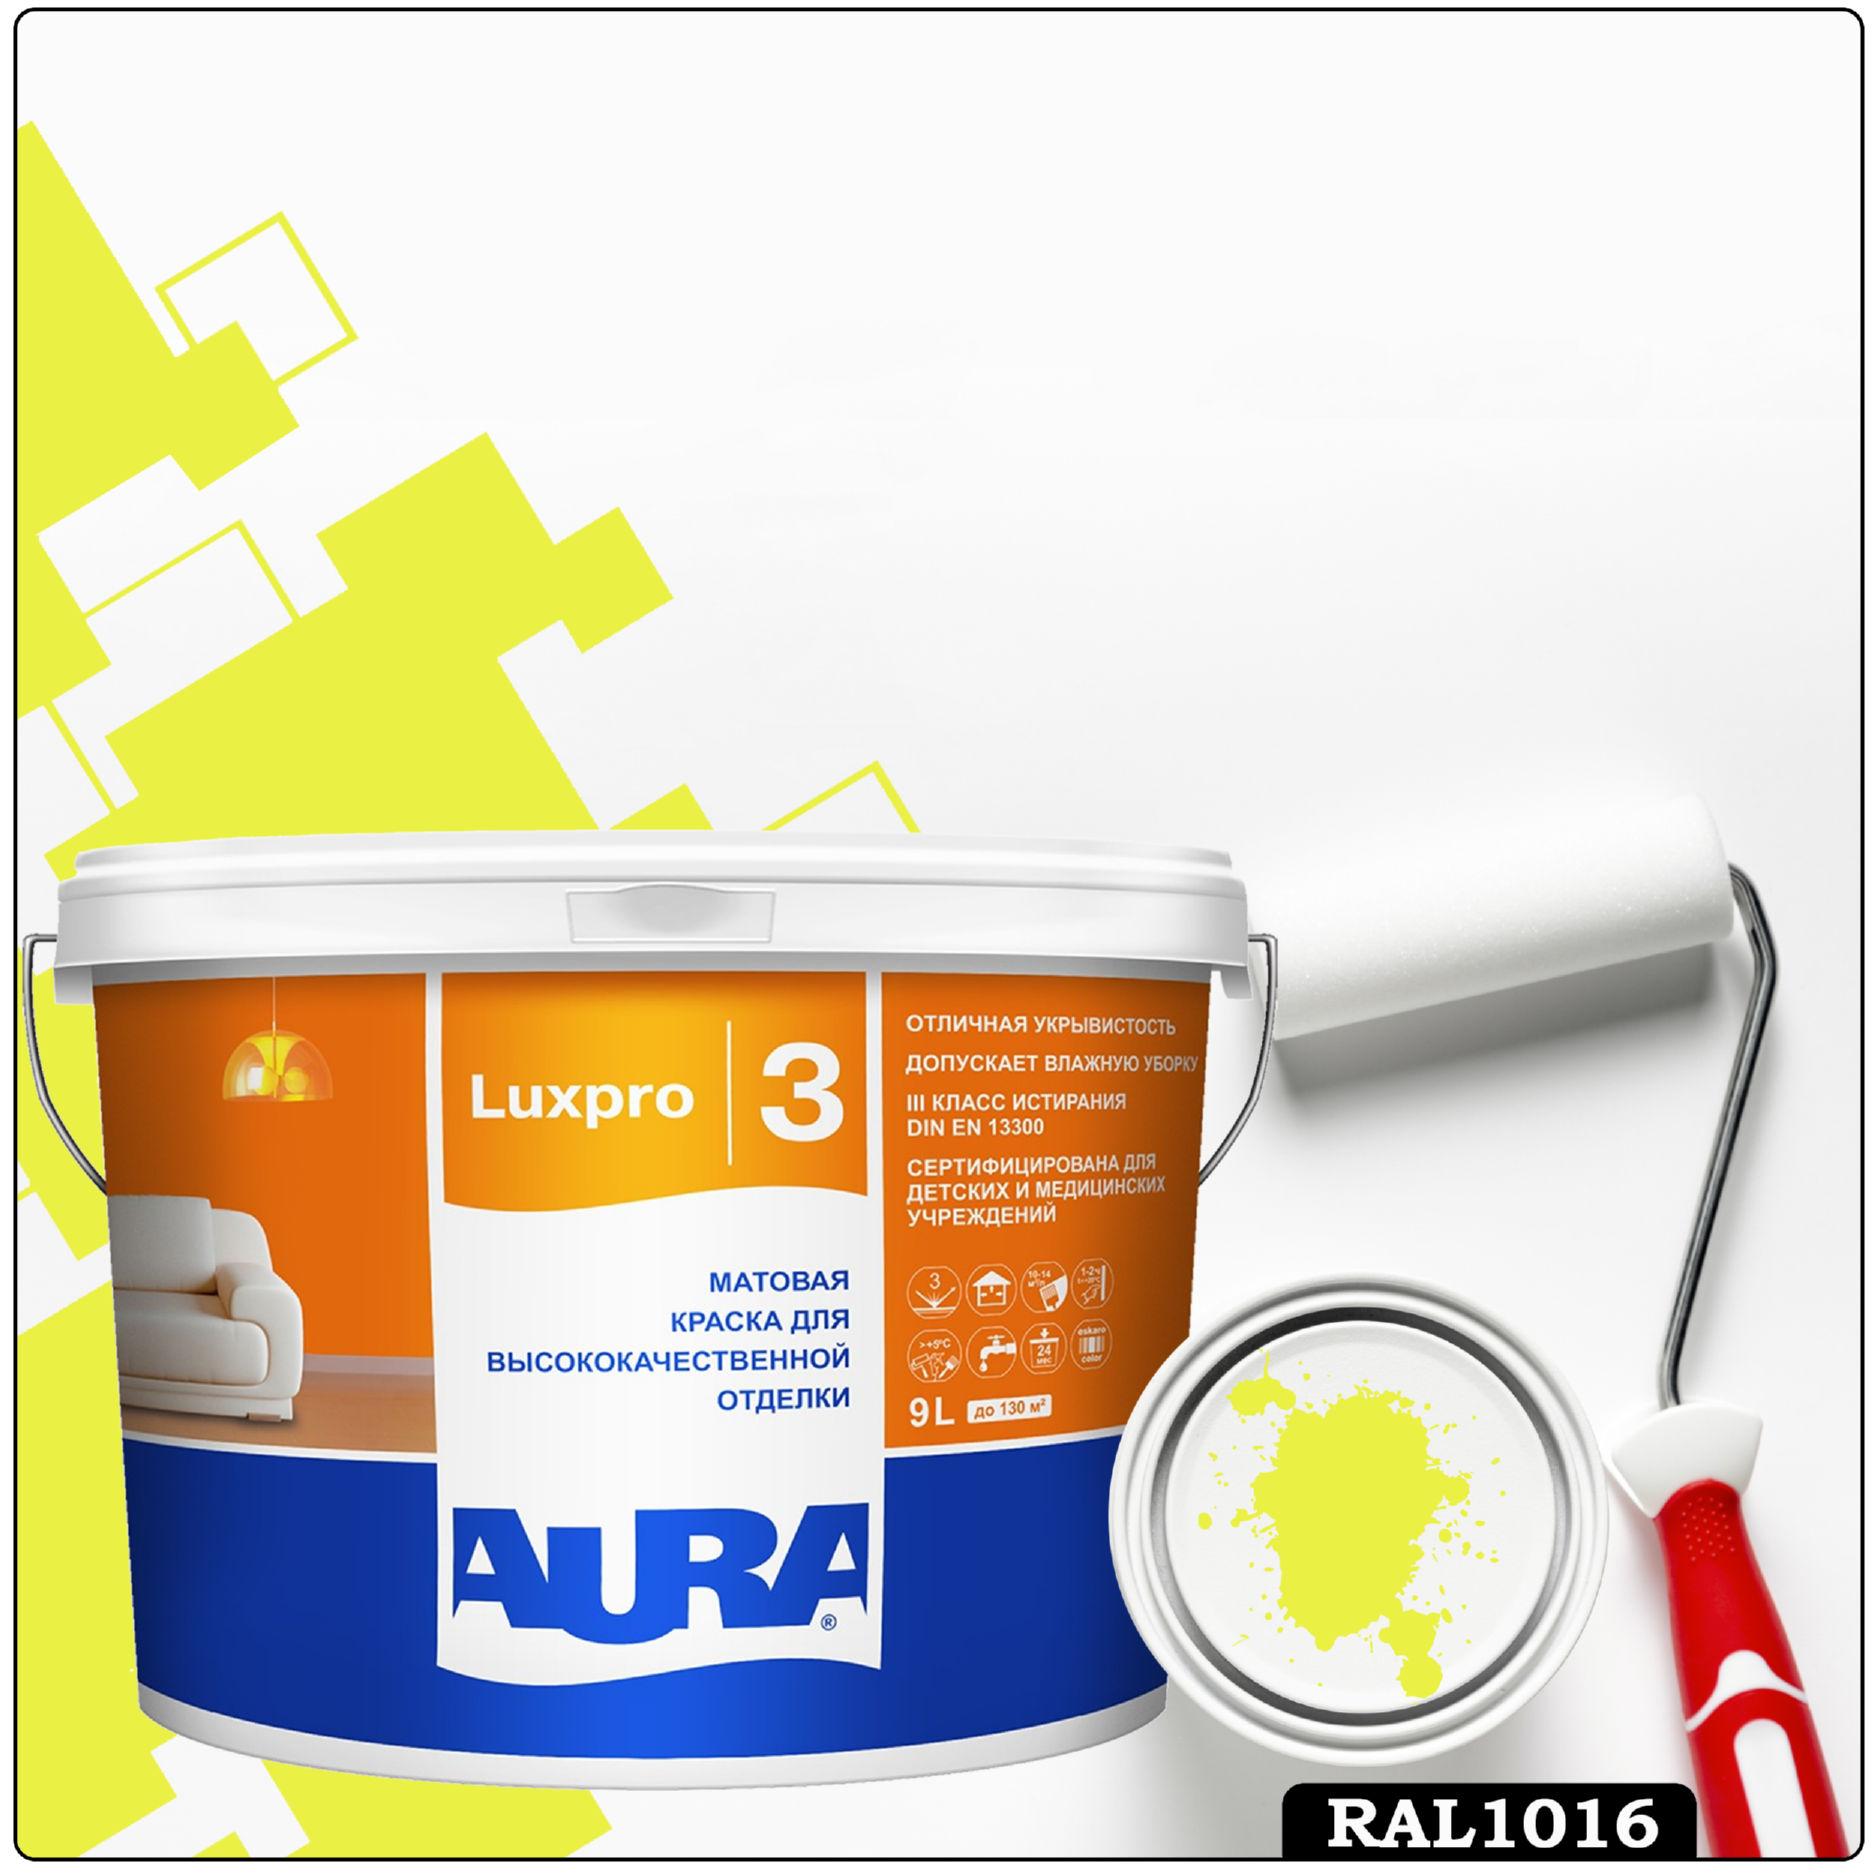 Фото 14 - Краска Aura LuxPRO 3, RAL 1016 Жёлтая сера, латексная, шелково-матовая, интерьерная, 9л, Аура.